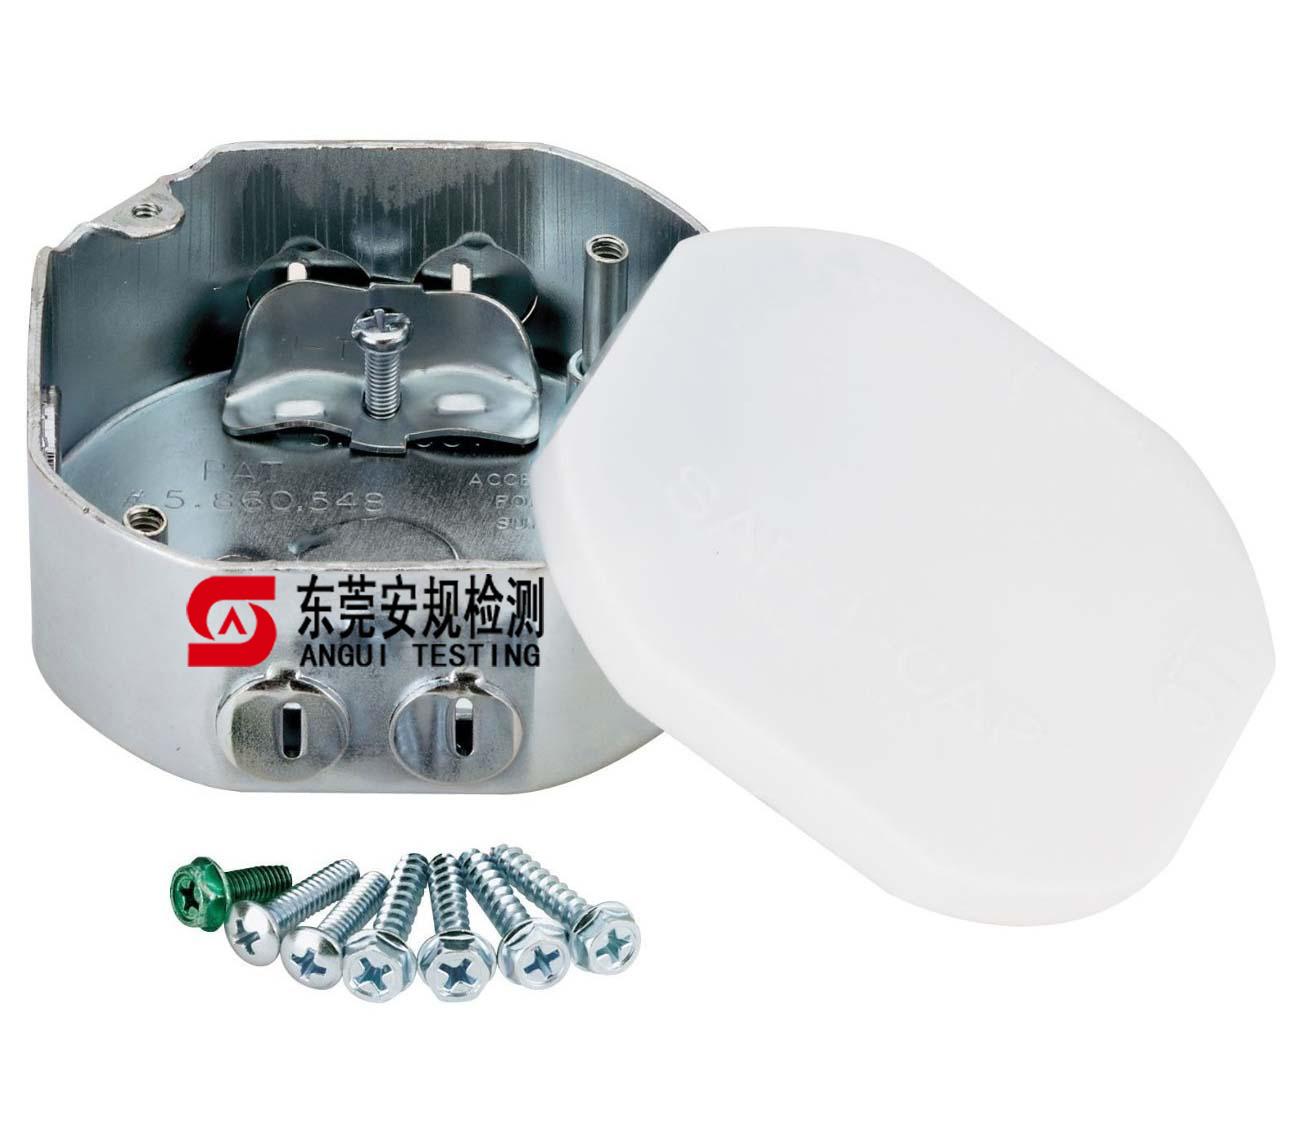 美规灯具接线盒|八卦板|八卦盒|ul listed 1-1/2 inch